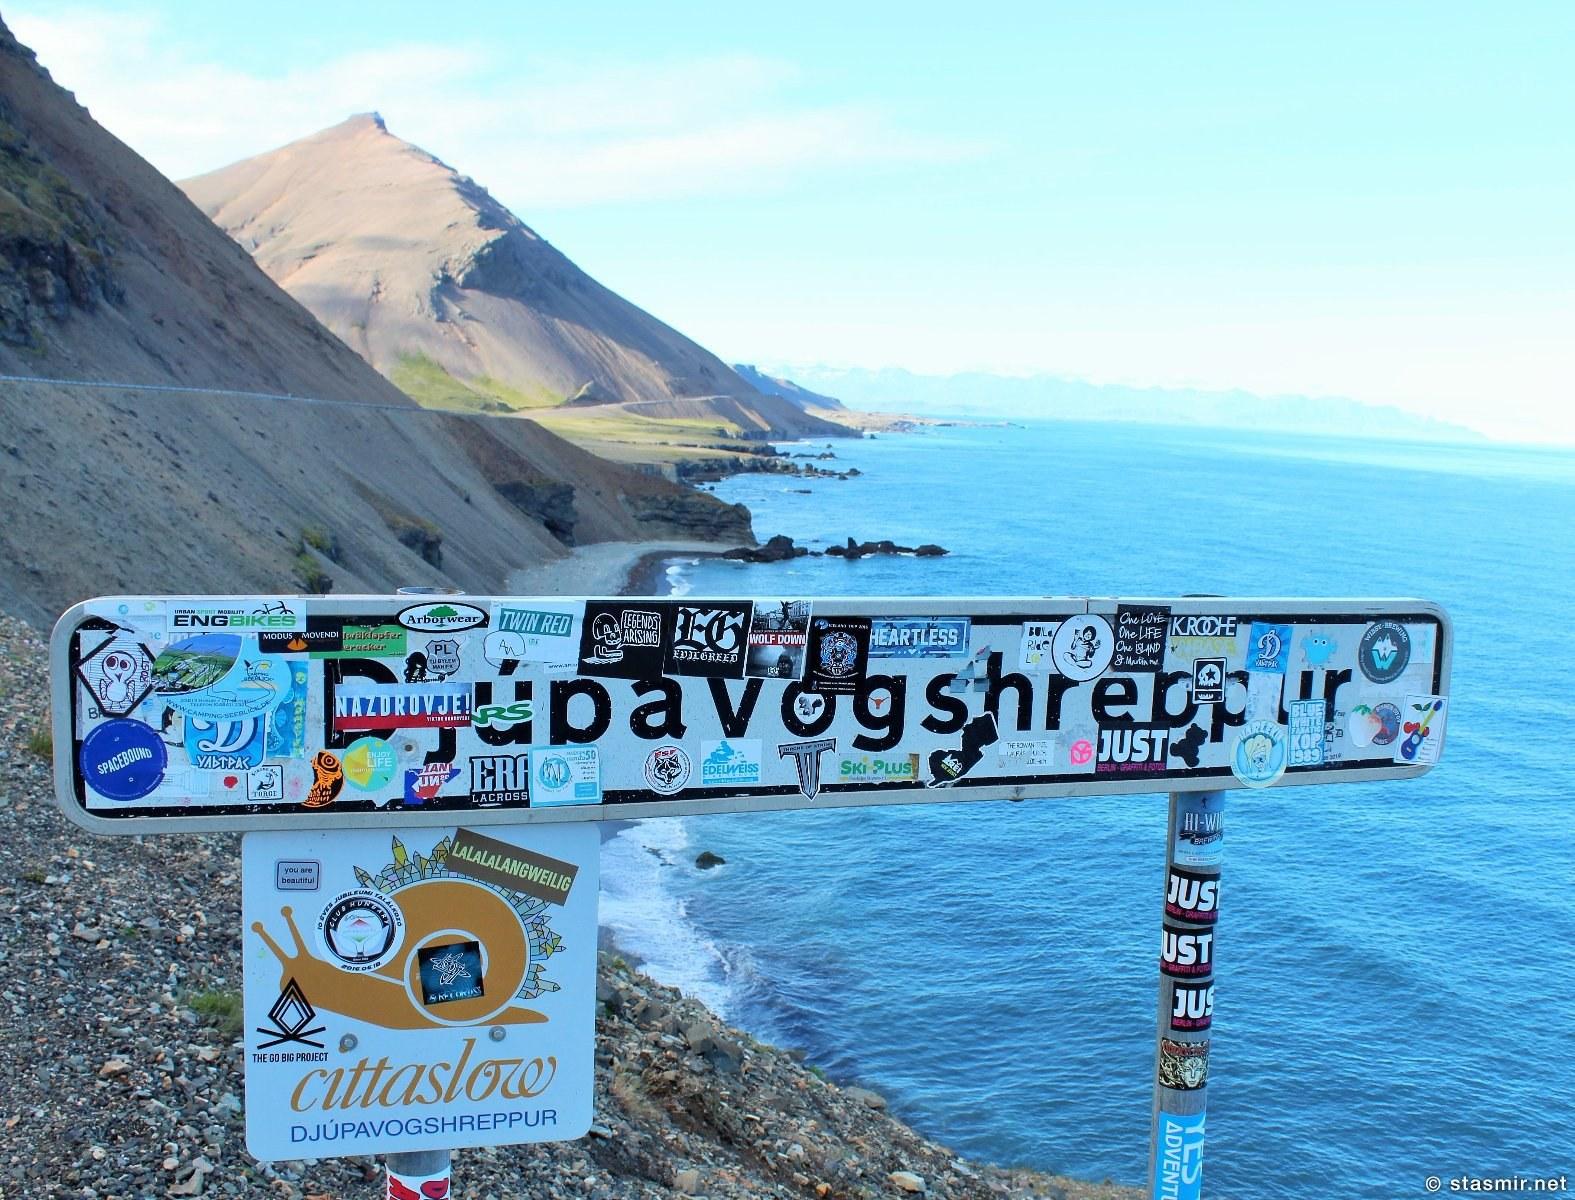 Дьюпавогюр, Djúpavogur, дорожные знаки в Исландии, фото Стасмир, photo Stasmir